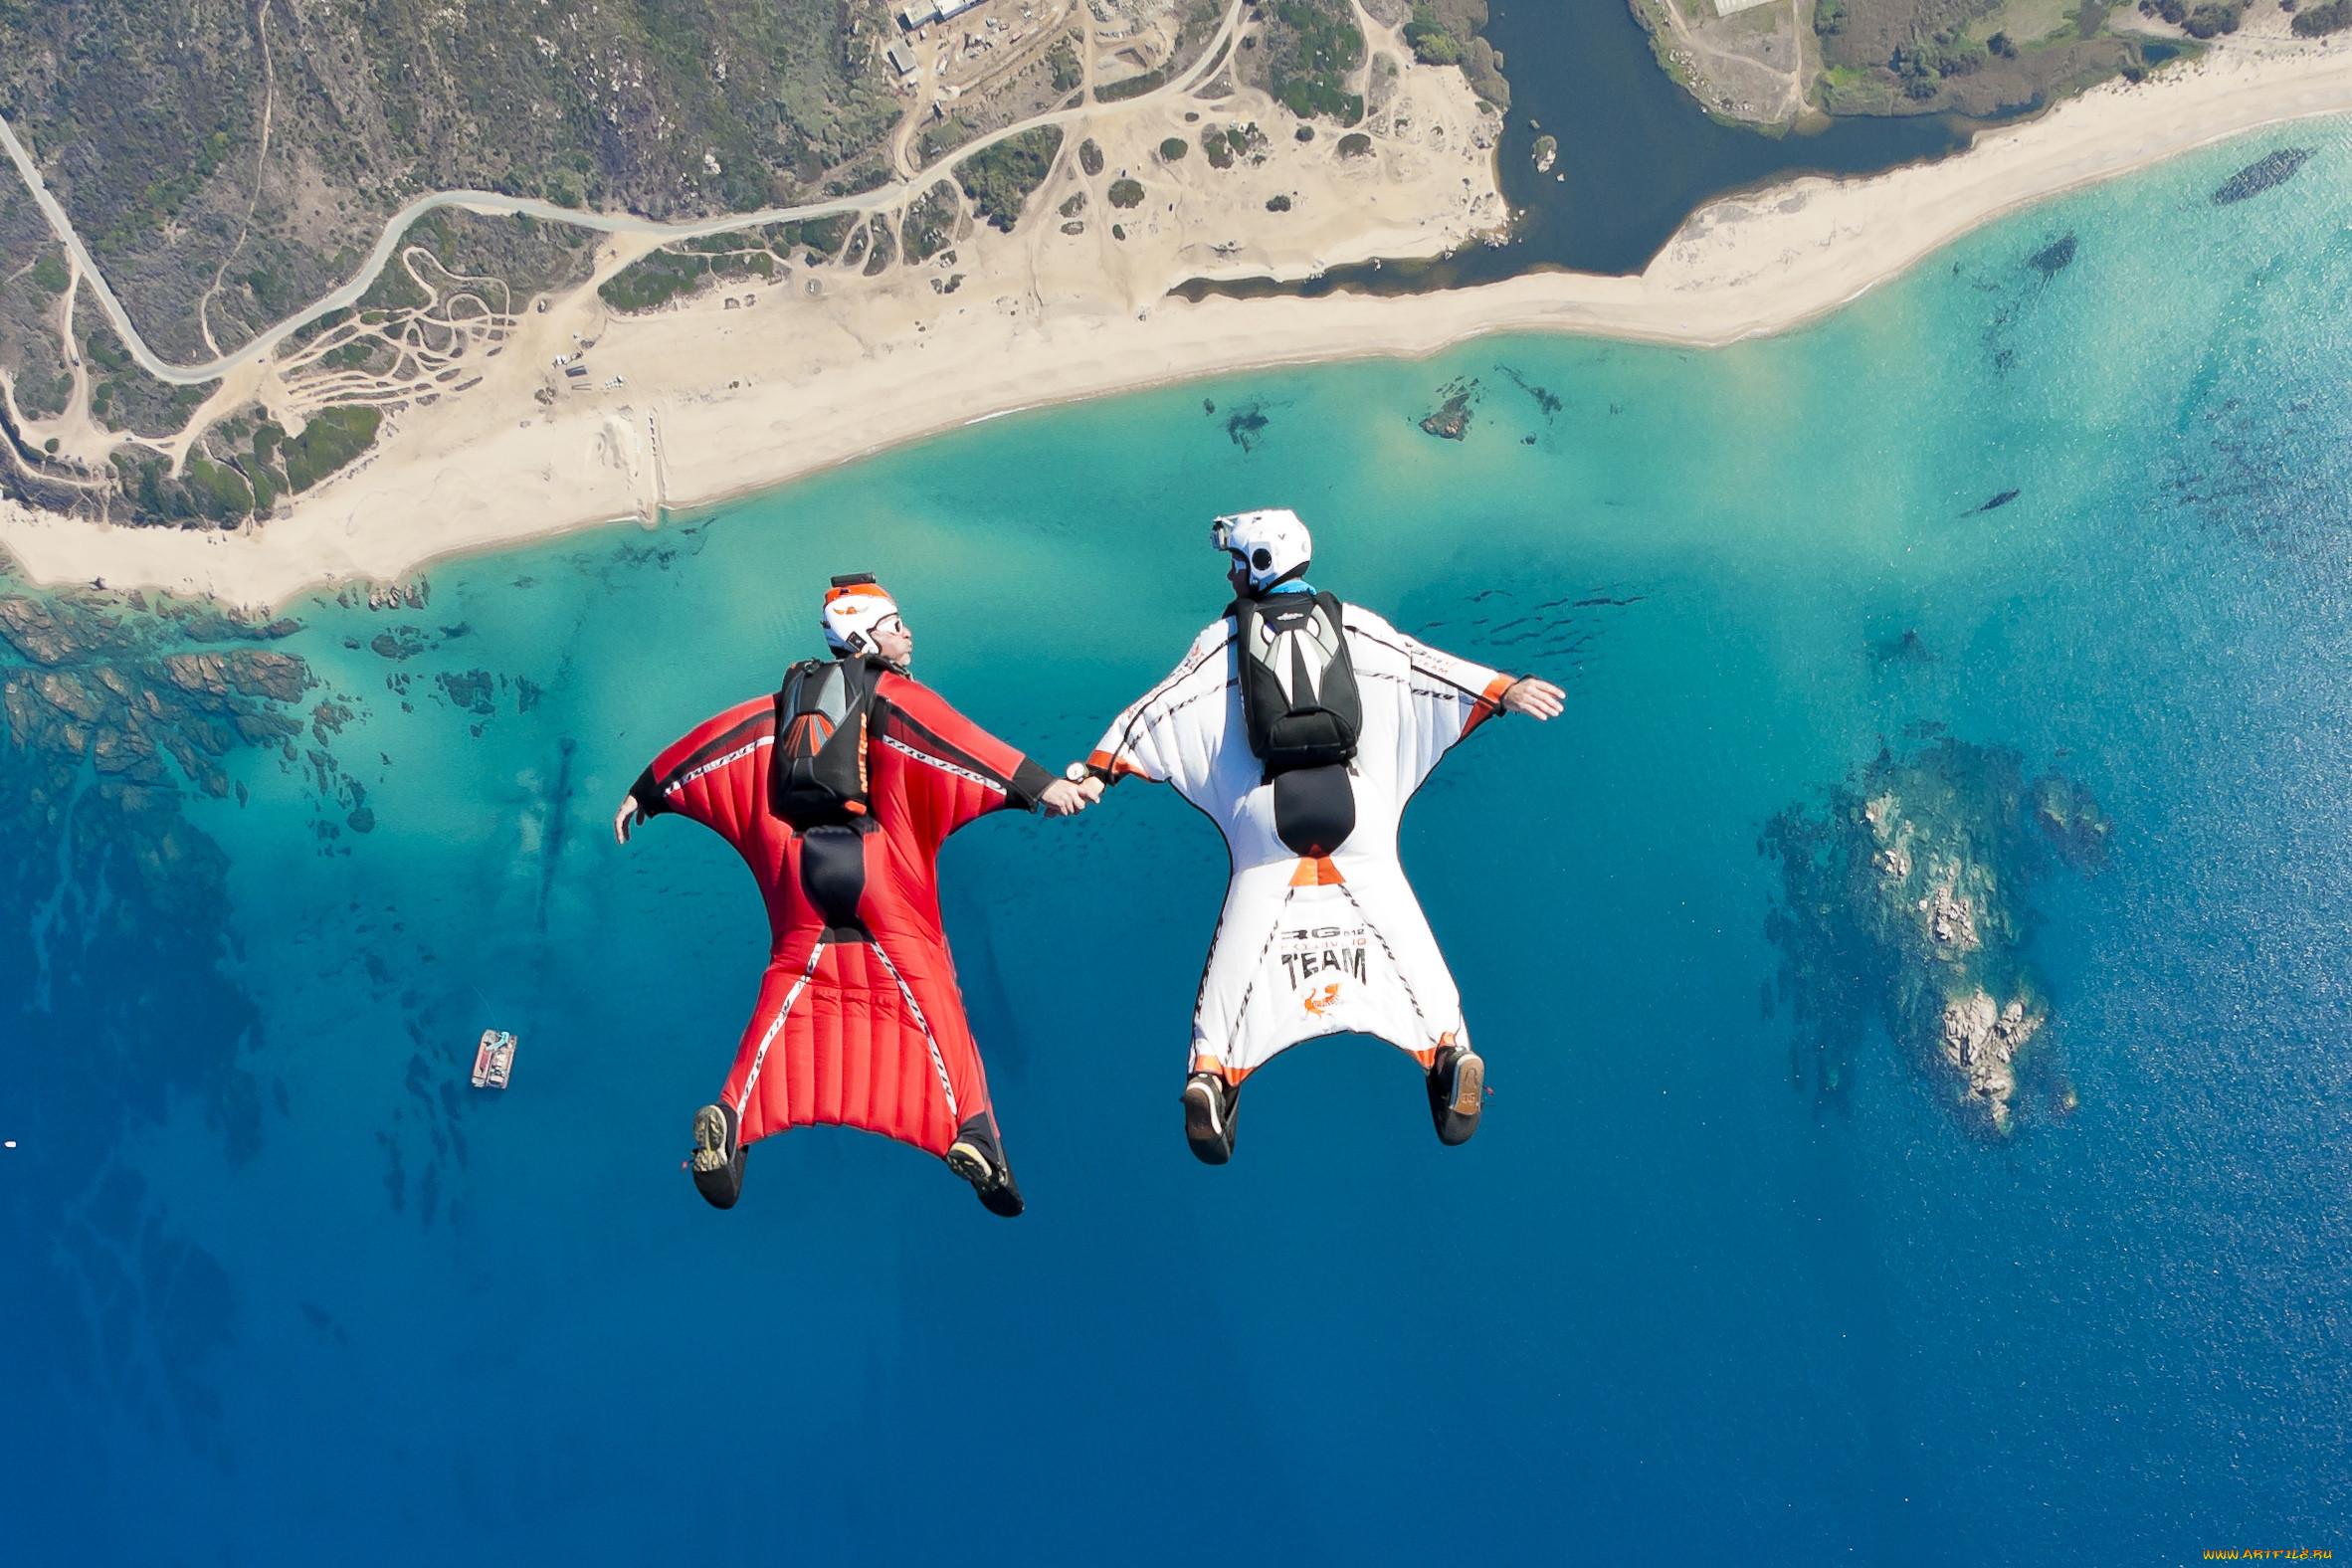 Экстрим парашюты приколы фото